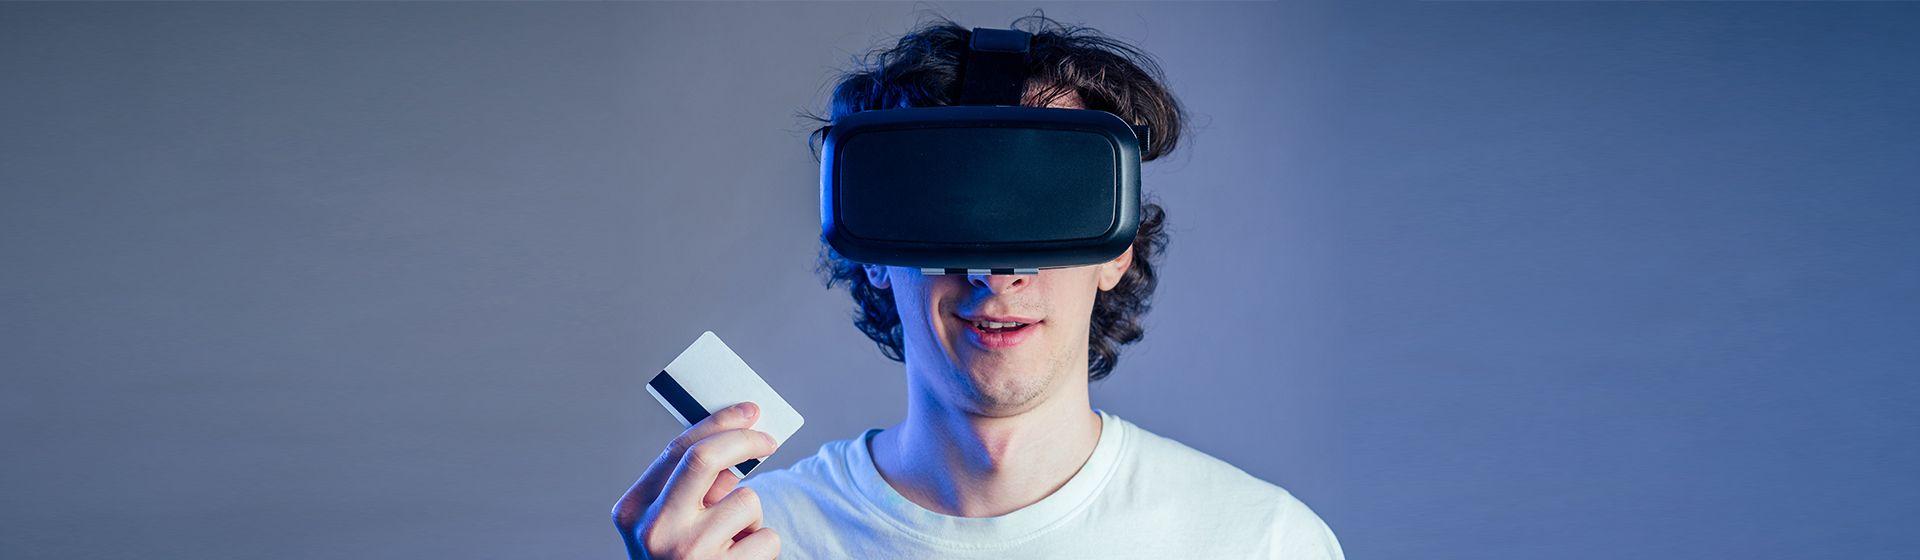 Games na Cyber Monday 2020: jogos e consoles que podem ficar mais baratos